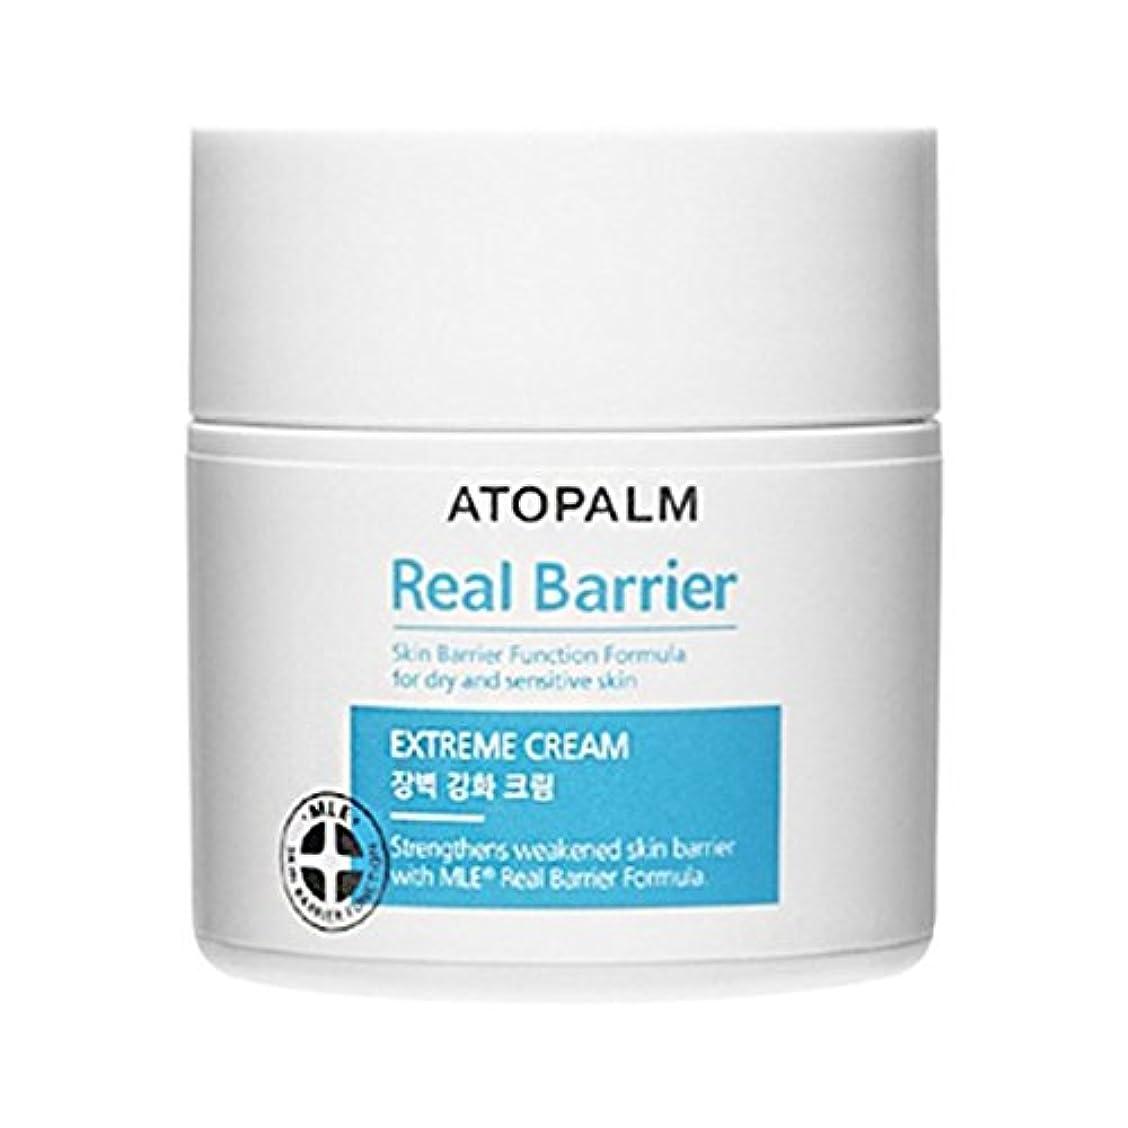 集中的な縁石当社アトファムリアルバリア?エクストリームクリーム50ml、韓国化粧品 ATOPALM Real Barrier Extream Cream 50ml, Korean Cosmetics [並行輸入品]